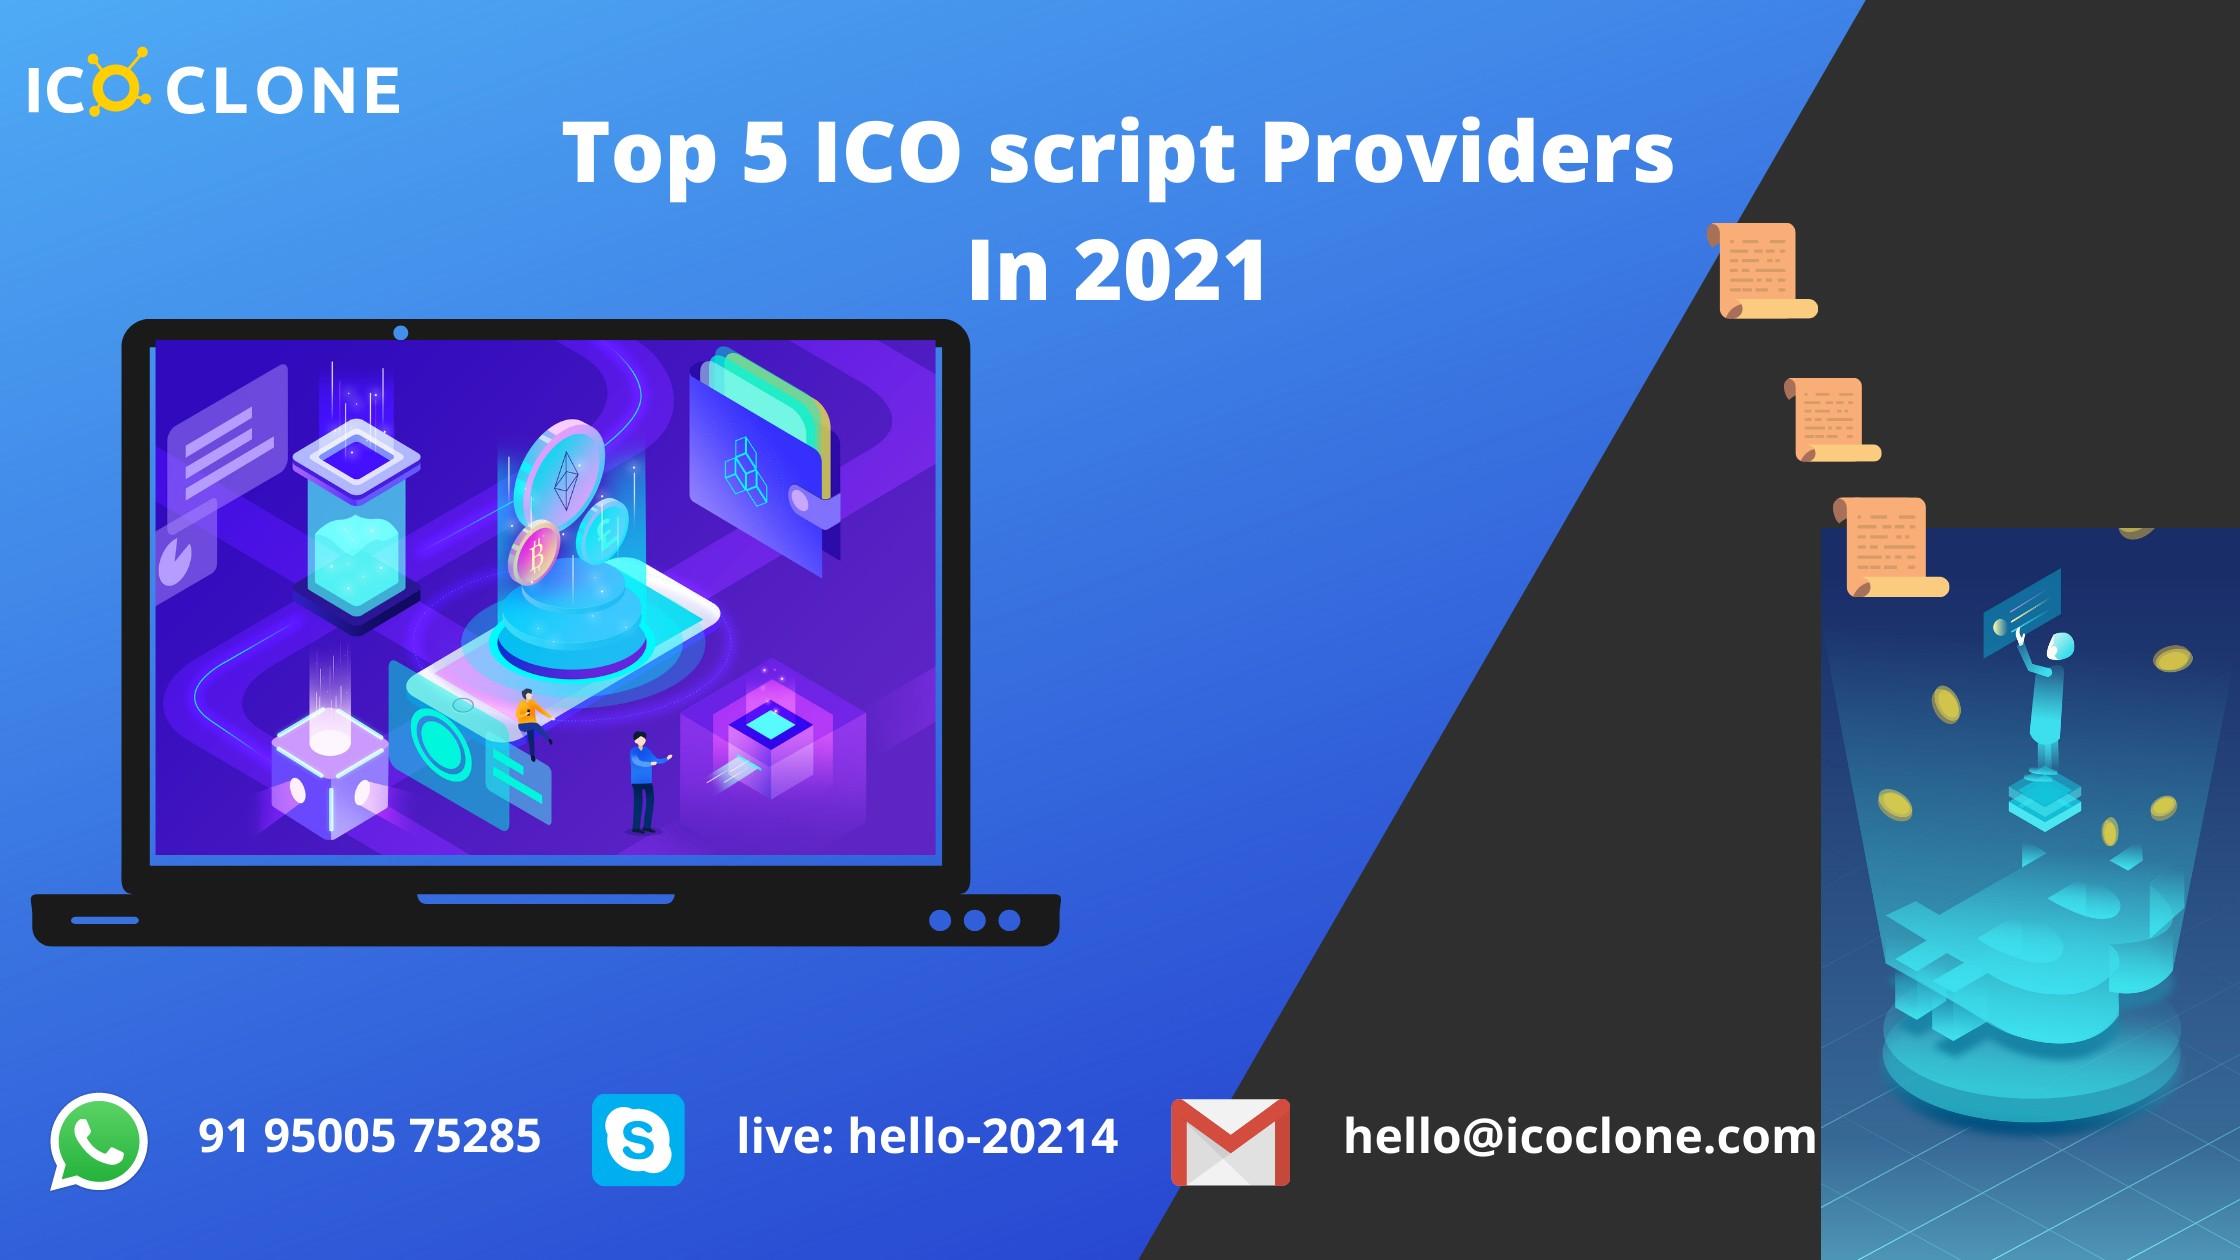 Top 5 ICO Script Providers In 2021